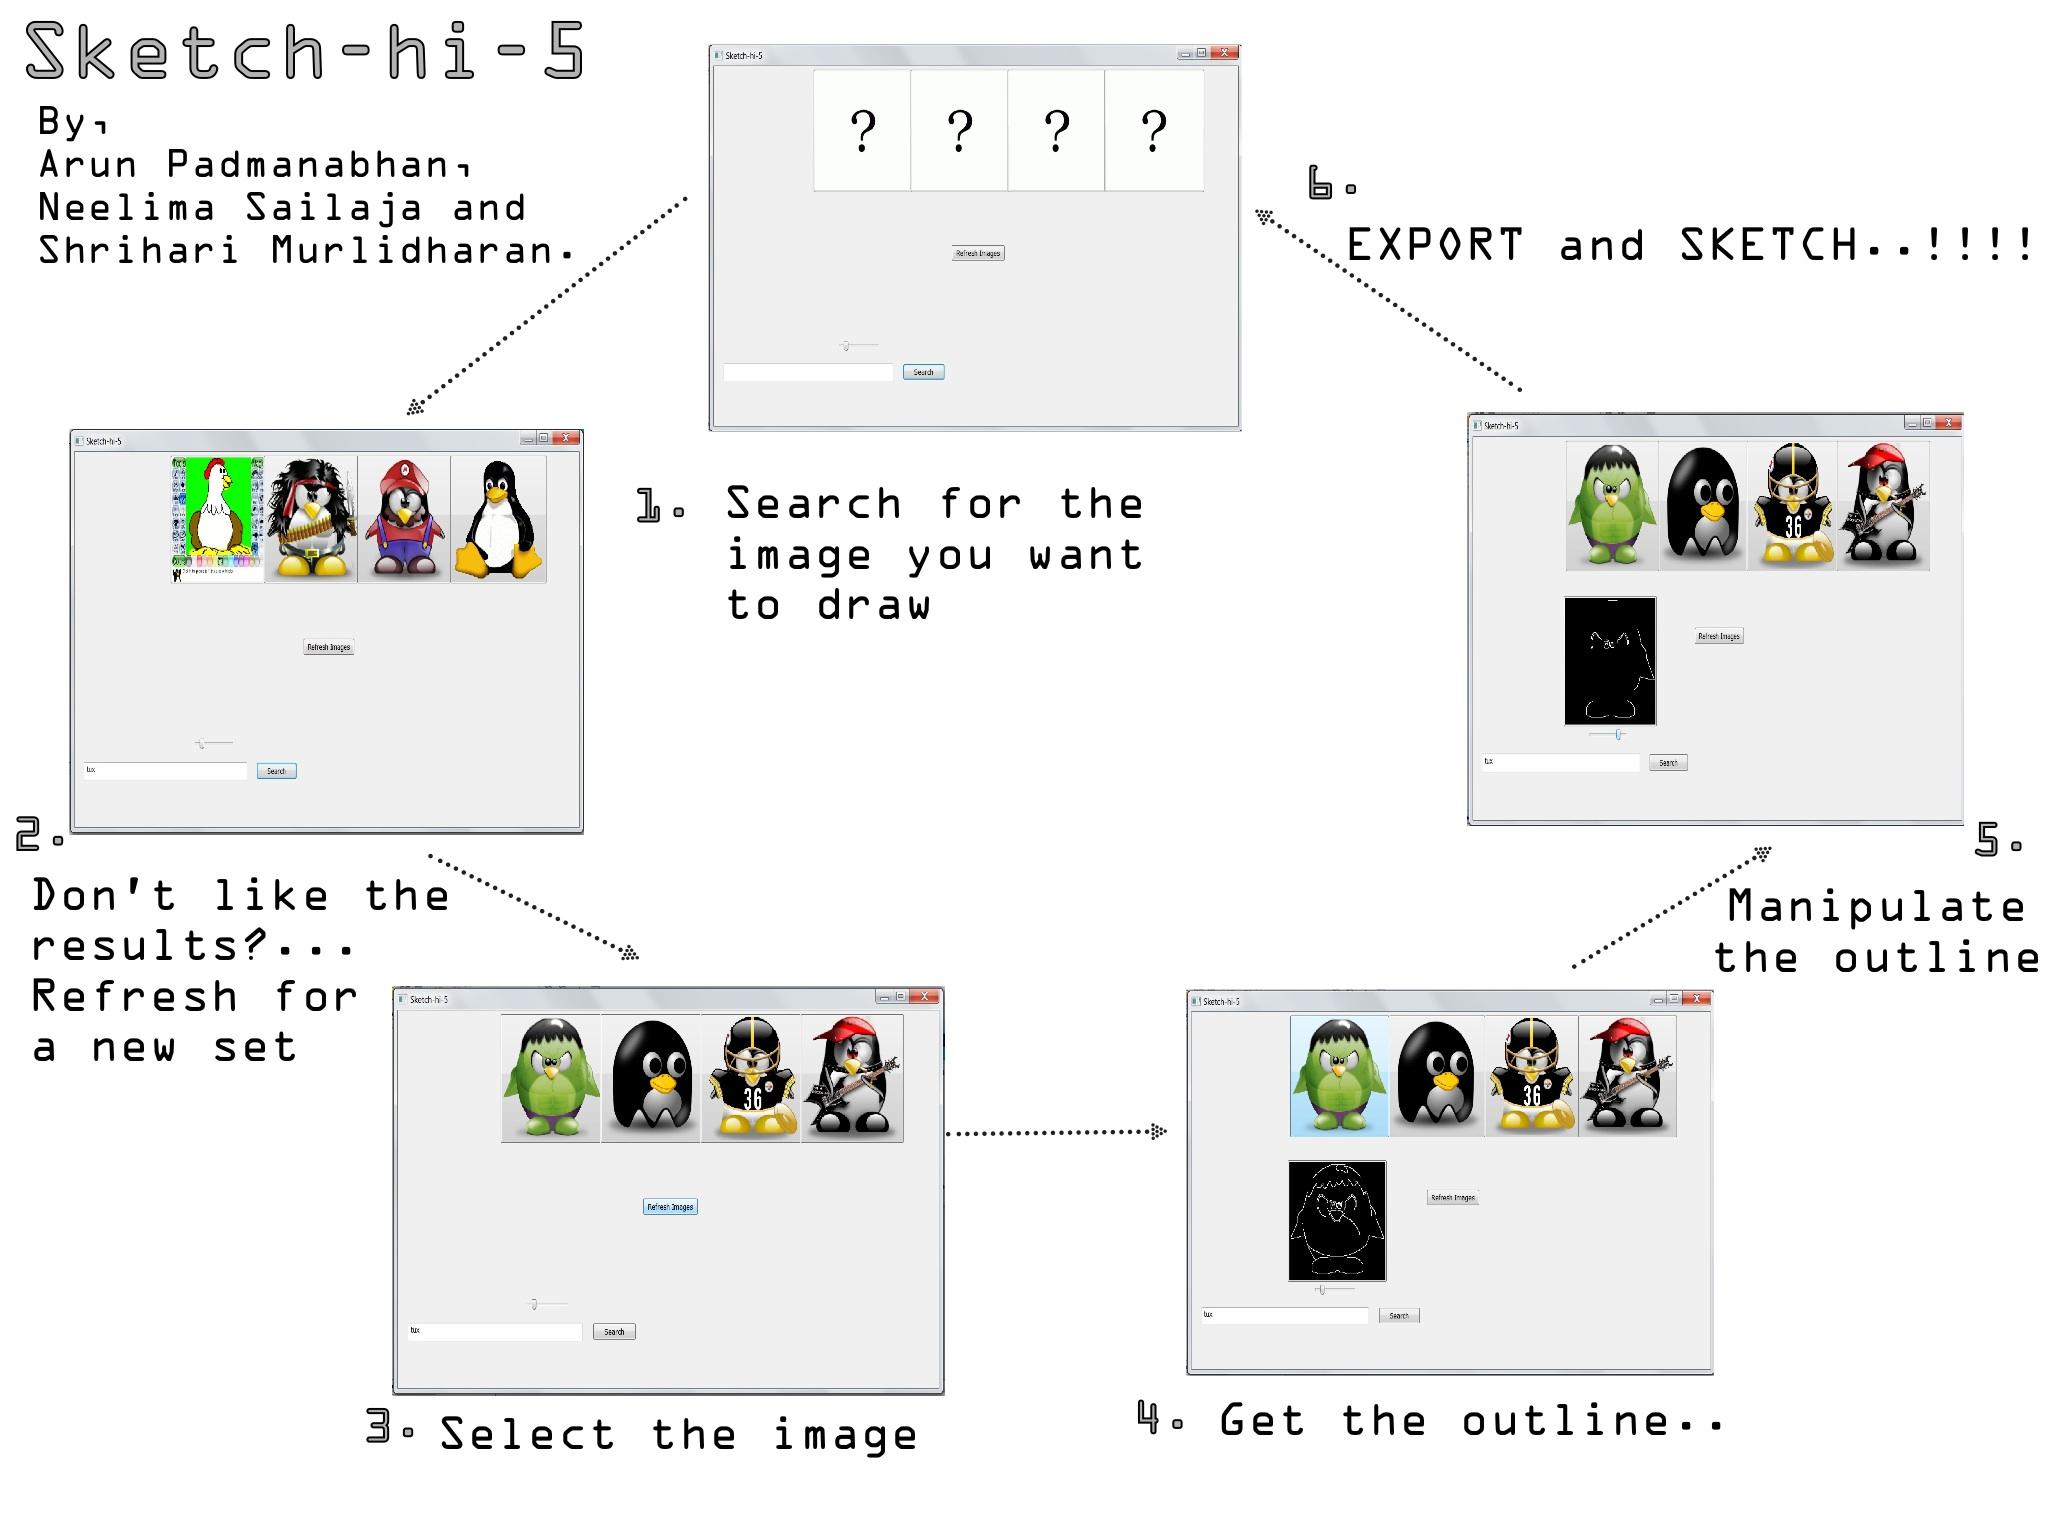 Sketch-hi-5